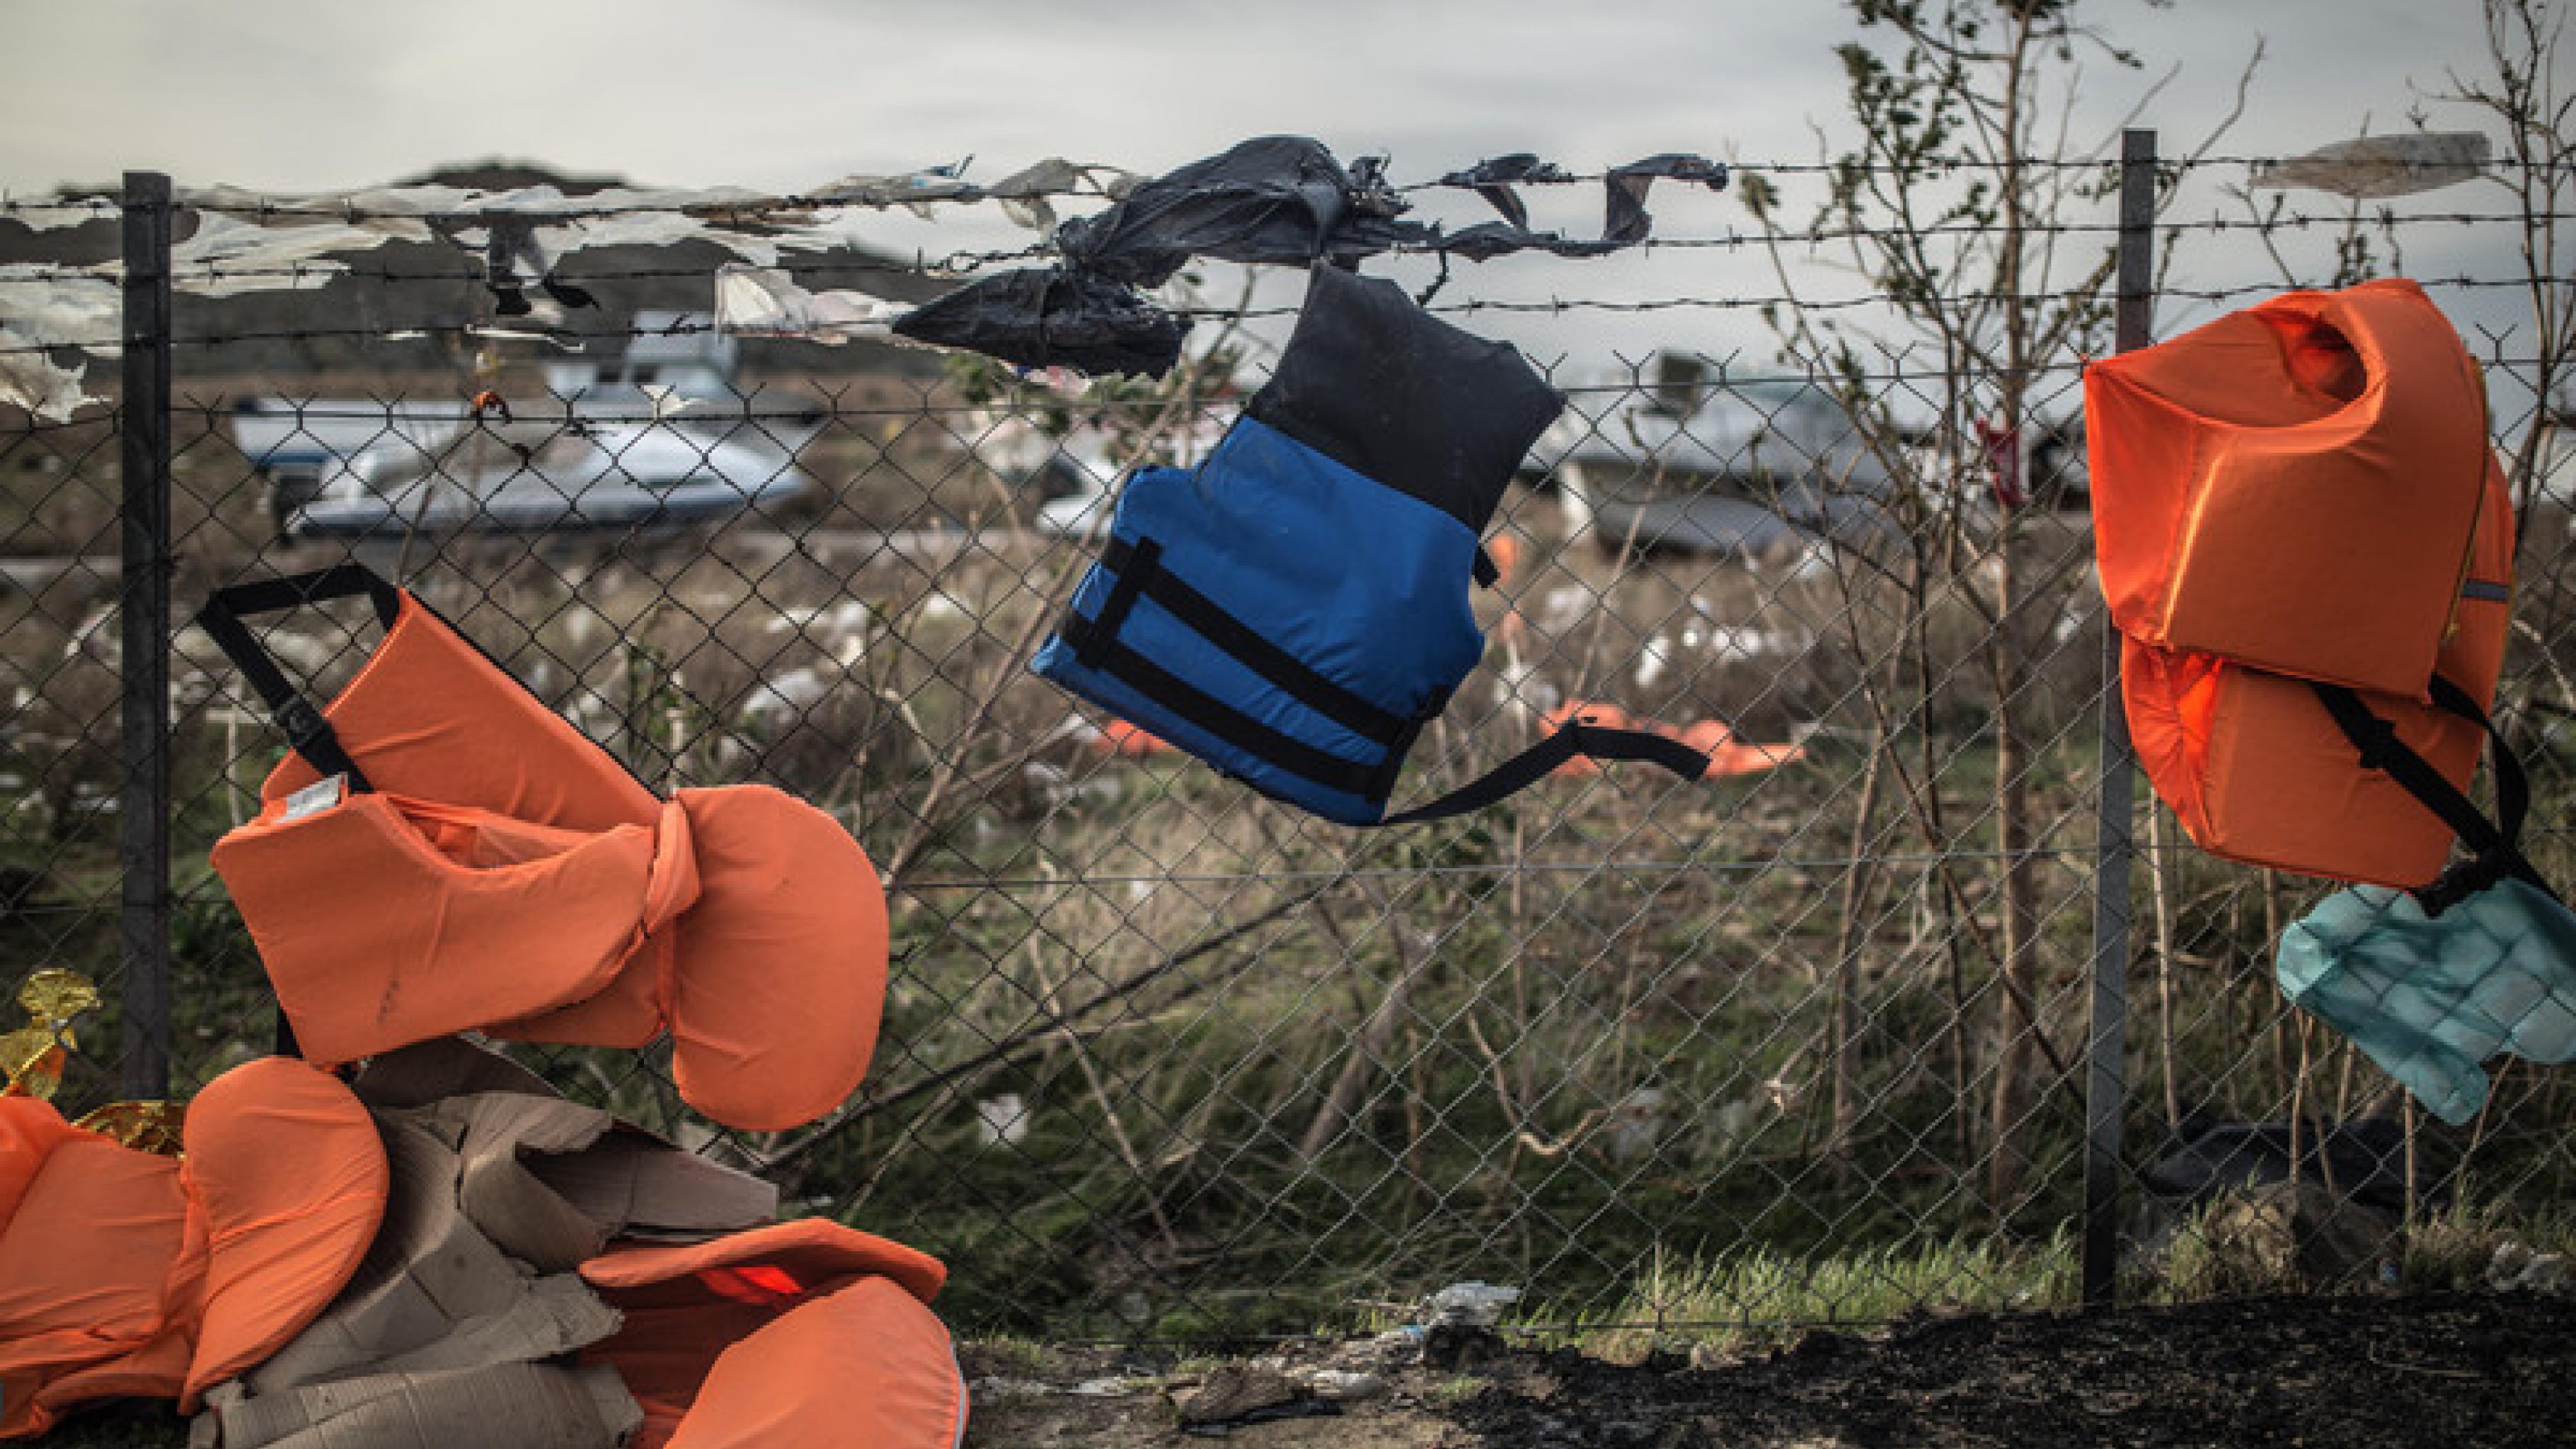 Schwimmwesten auf einer Mülldeponie auf Lesbos in Griechenland